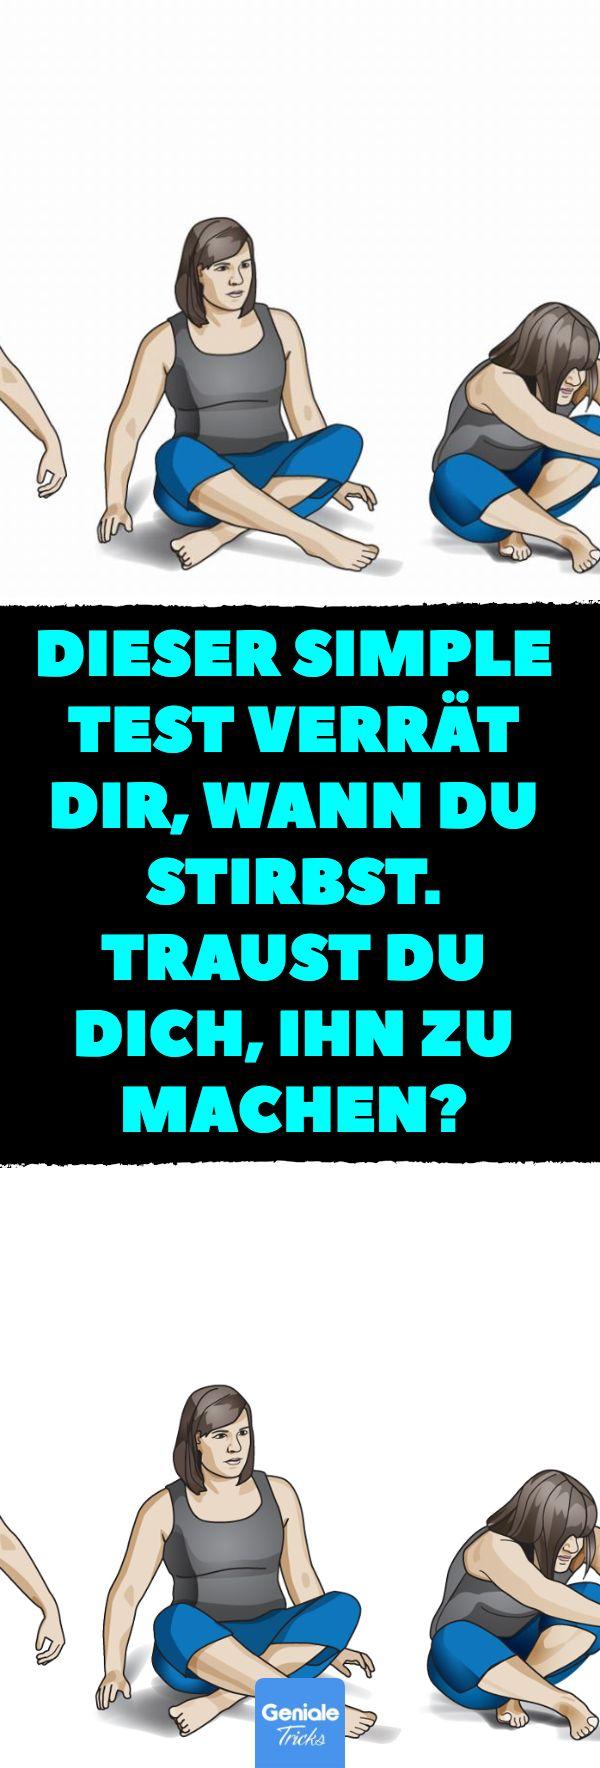 Dieser simple Test verrät dir, wann du stirbst. Traust du dich, ihn zu machen? Mit diesem Test kannst du sehen, wie fit du bist. #Test #Fitness #sportlich #Vorhersage #Tod #Selbsttest – Maria Dausner